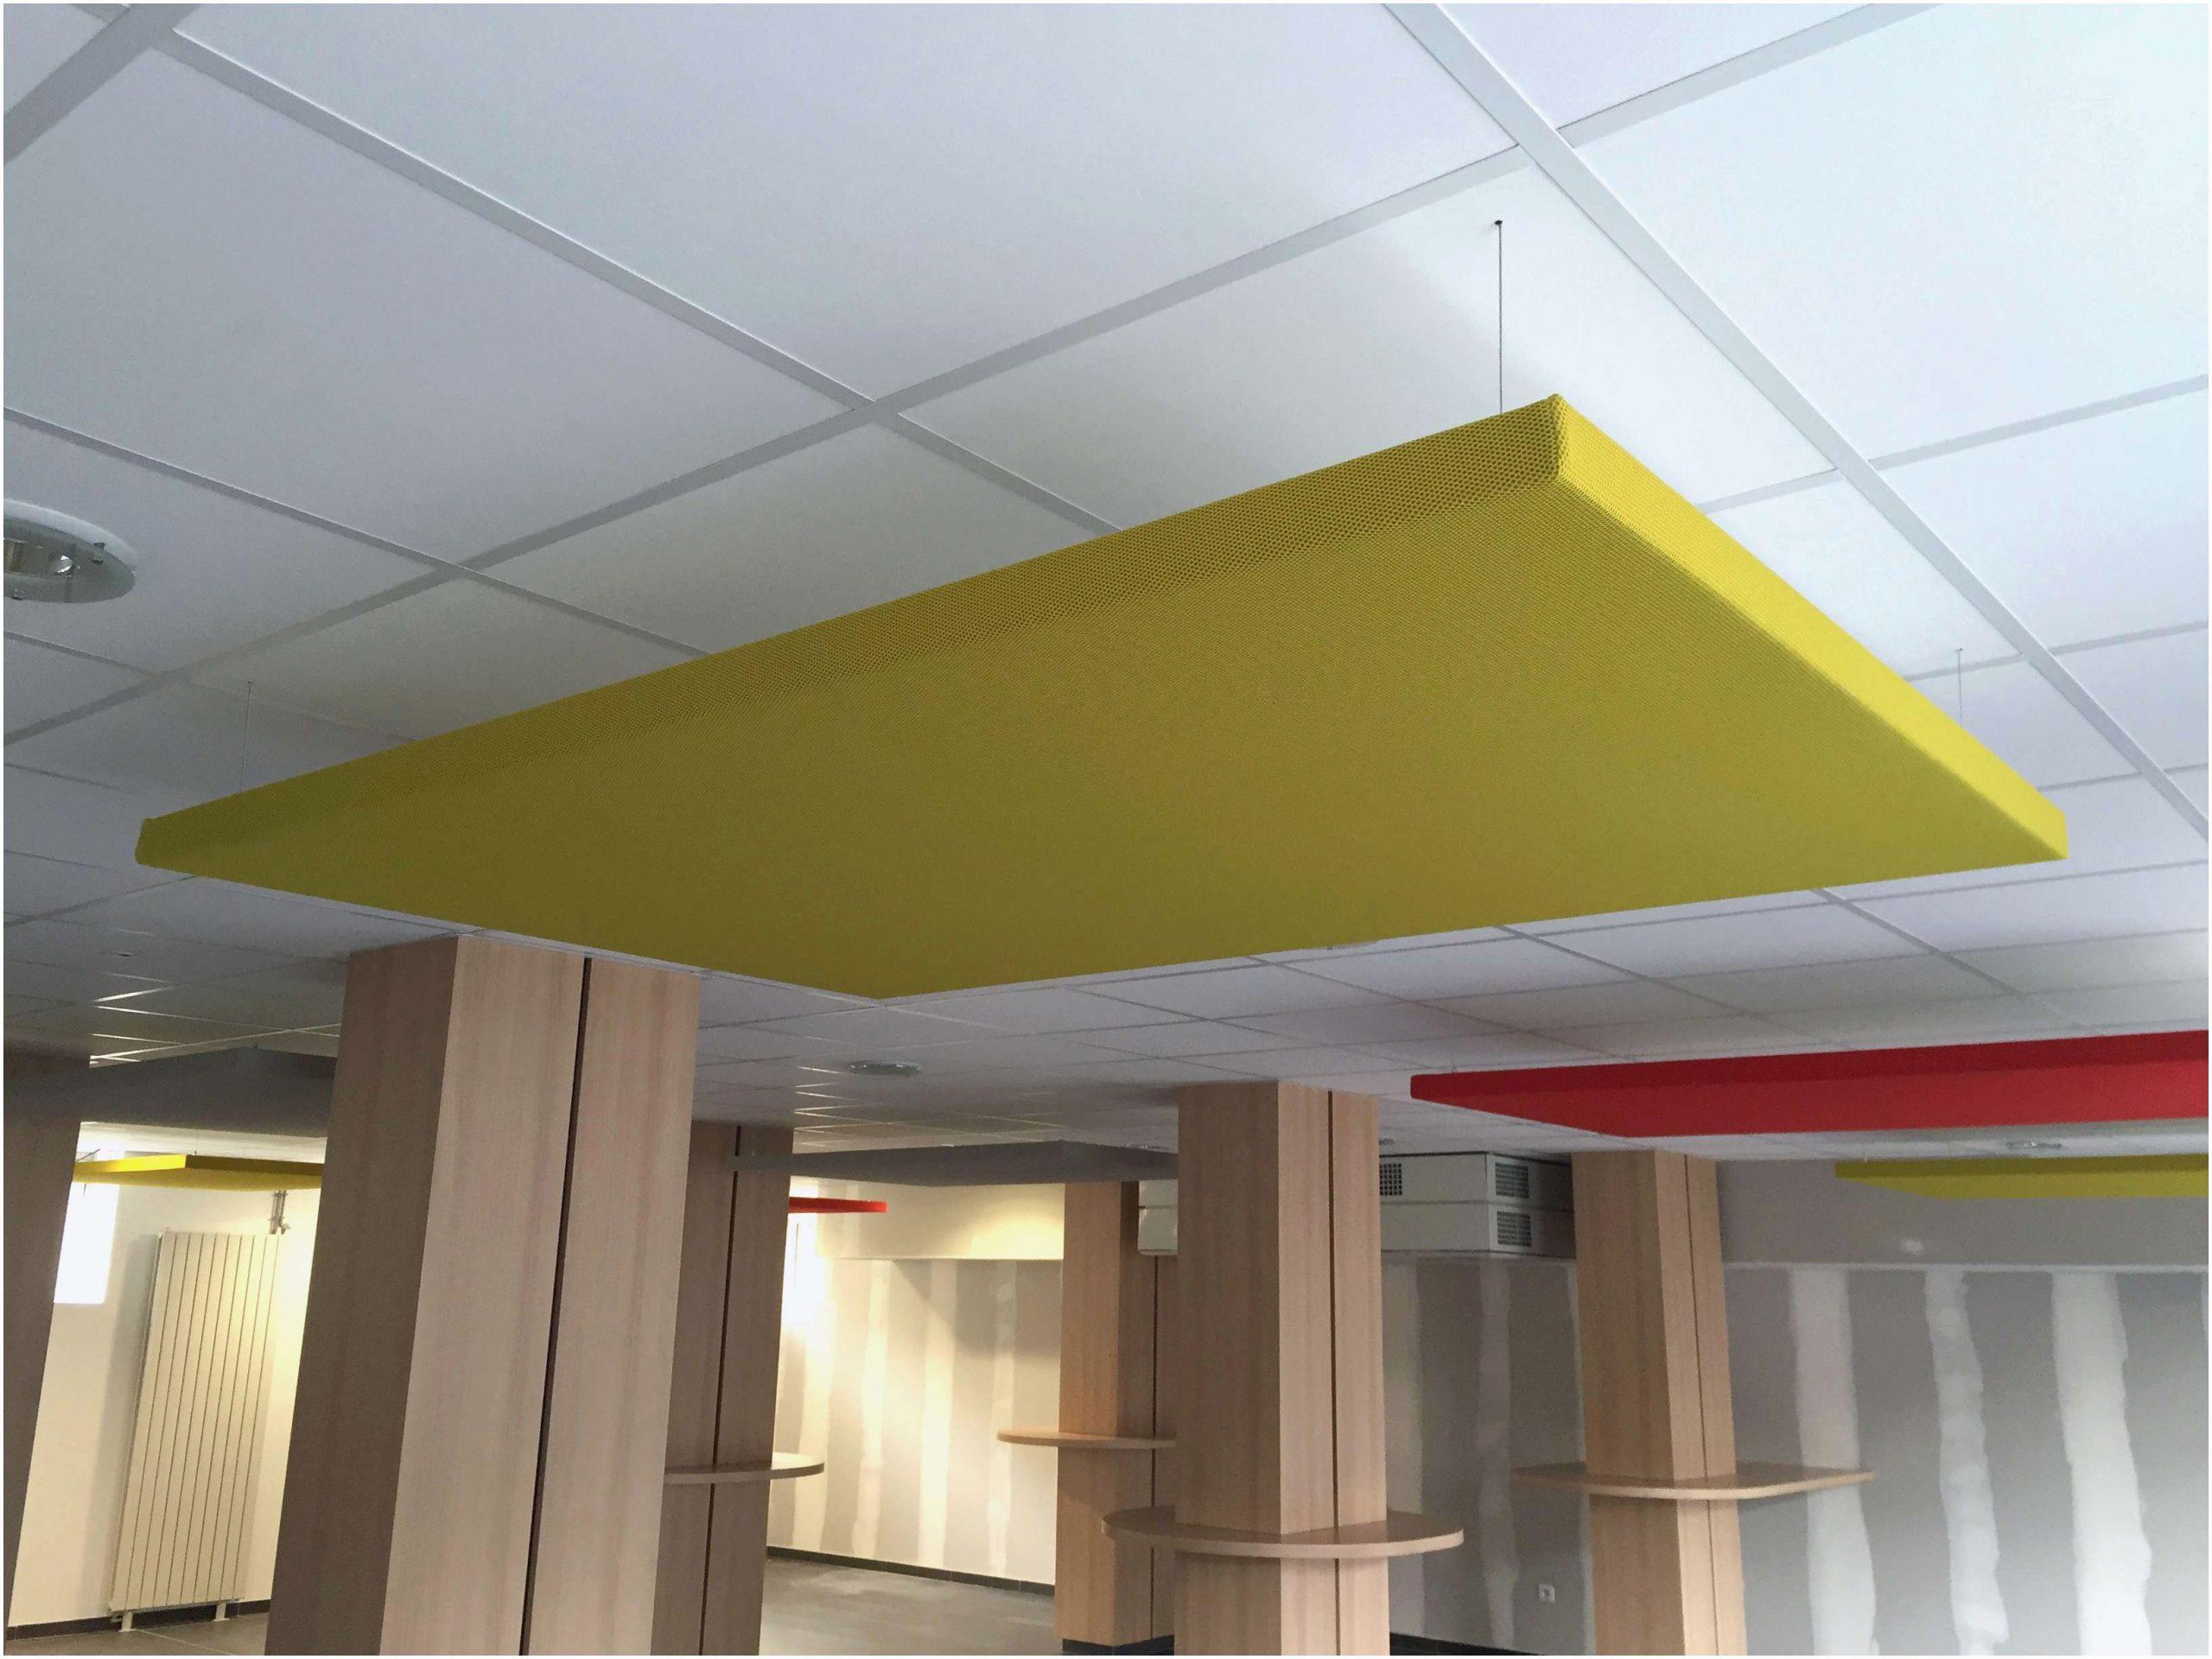 Dalle Plafond 60X60 Nouveau Dalle Plafond Brico Depot Plaque ... pour Dalle Plafond 60X60 Brico Dépôt